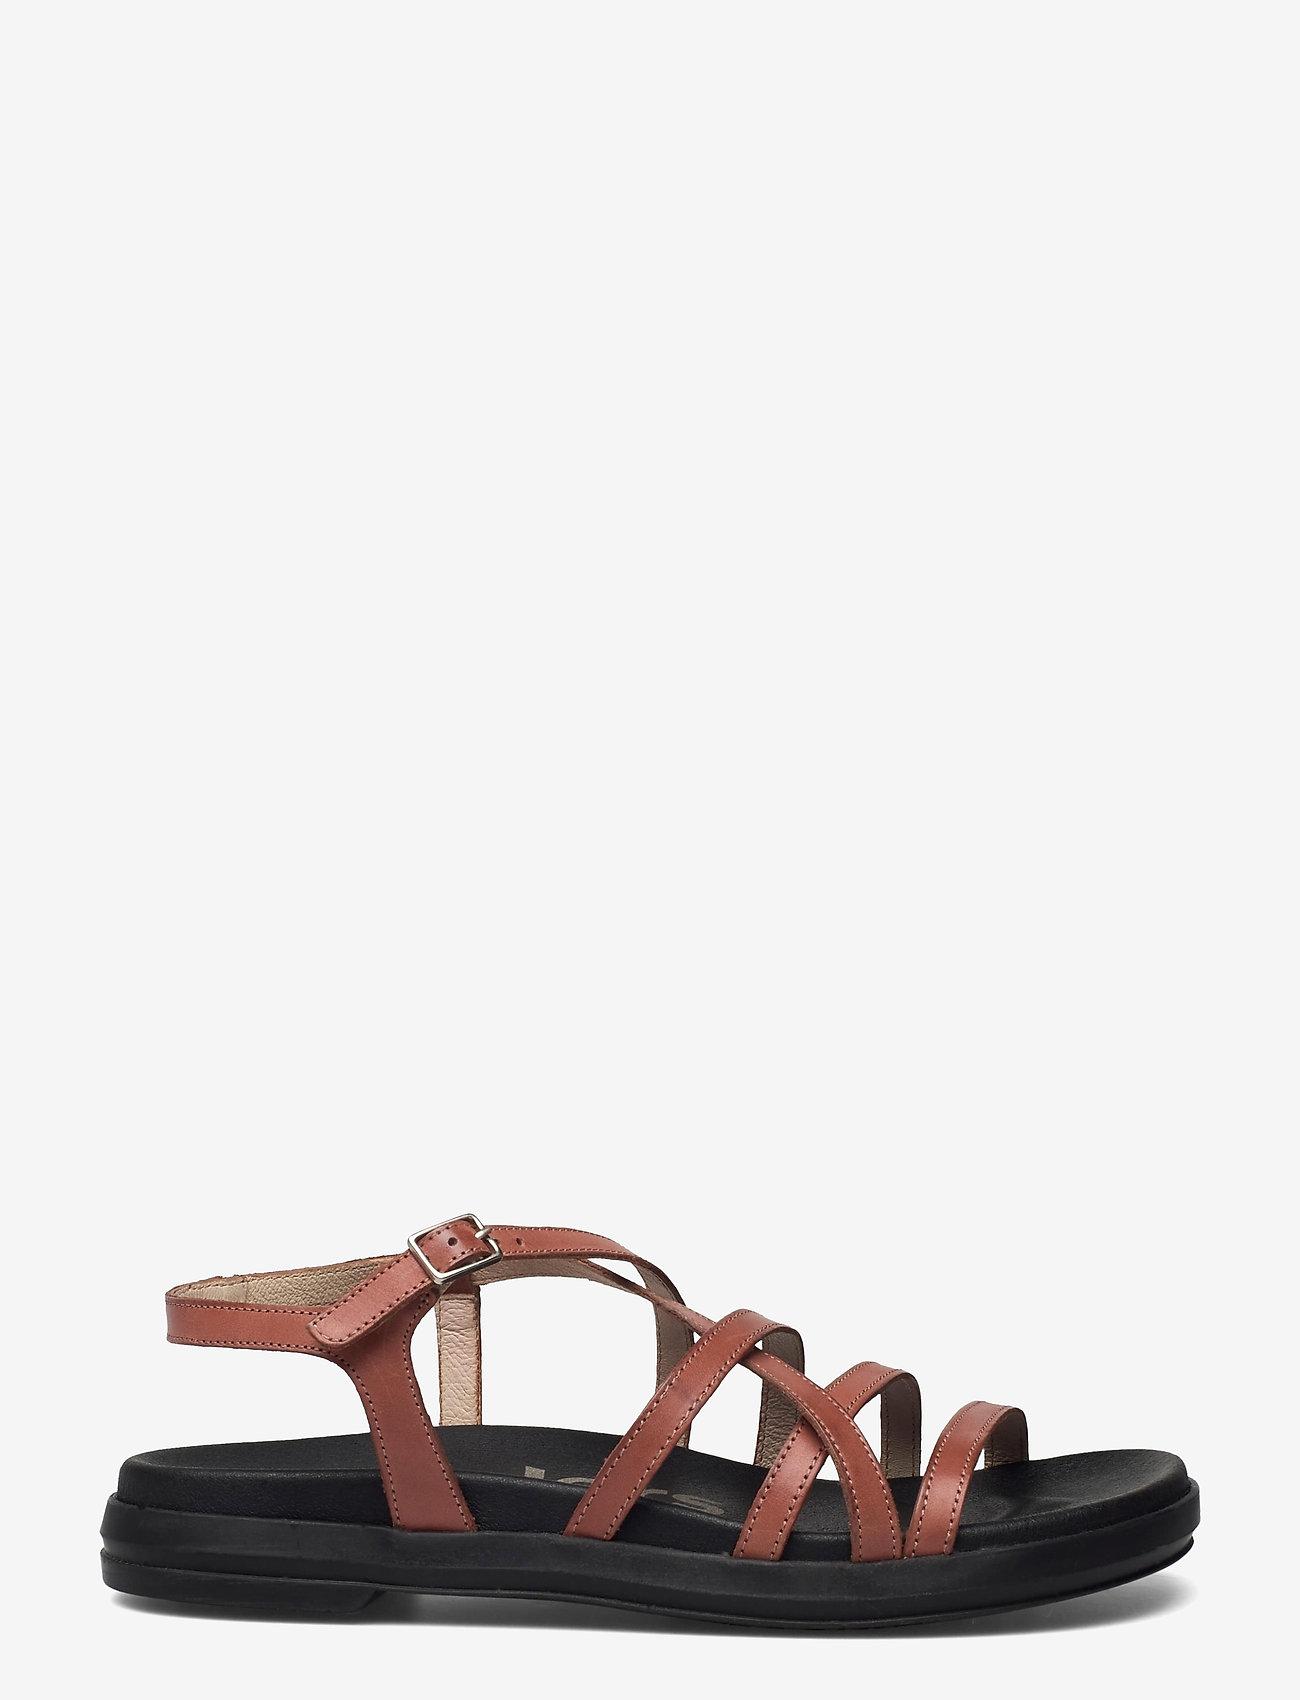 Wonders - B-7412 PERGAMENA - platta sandaler - brown - 1